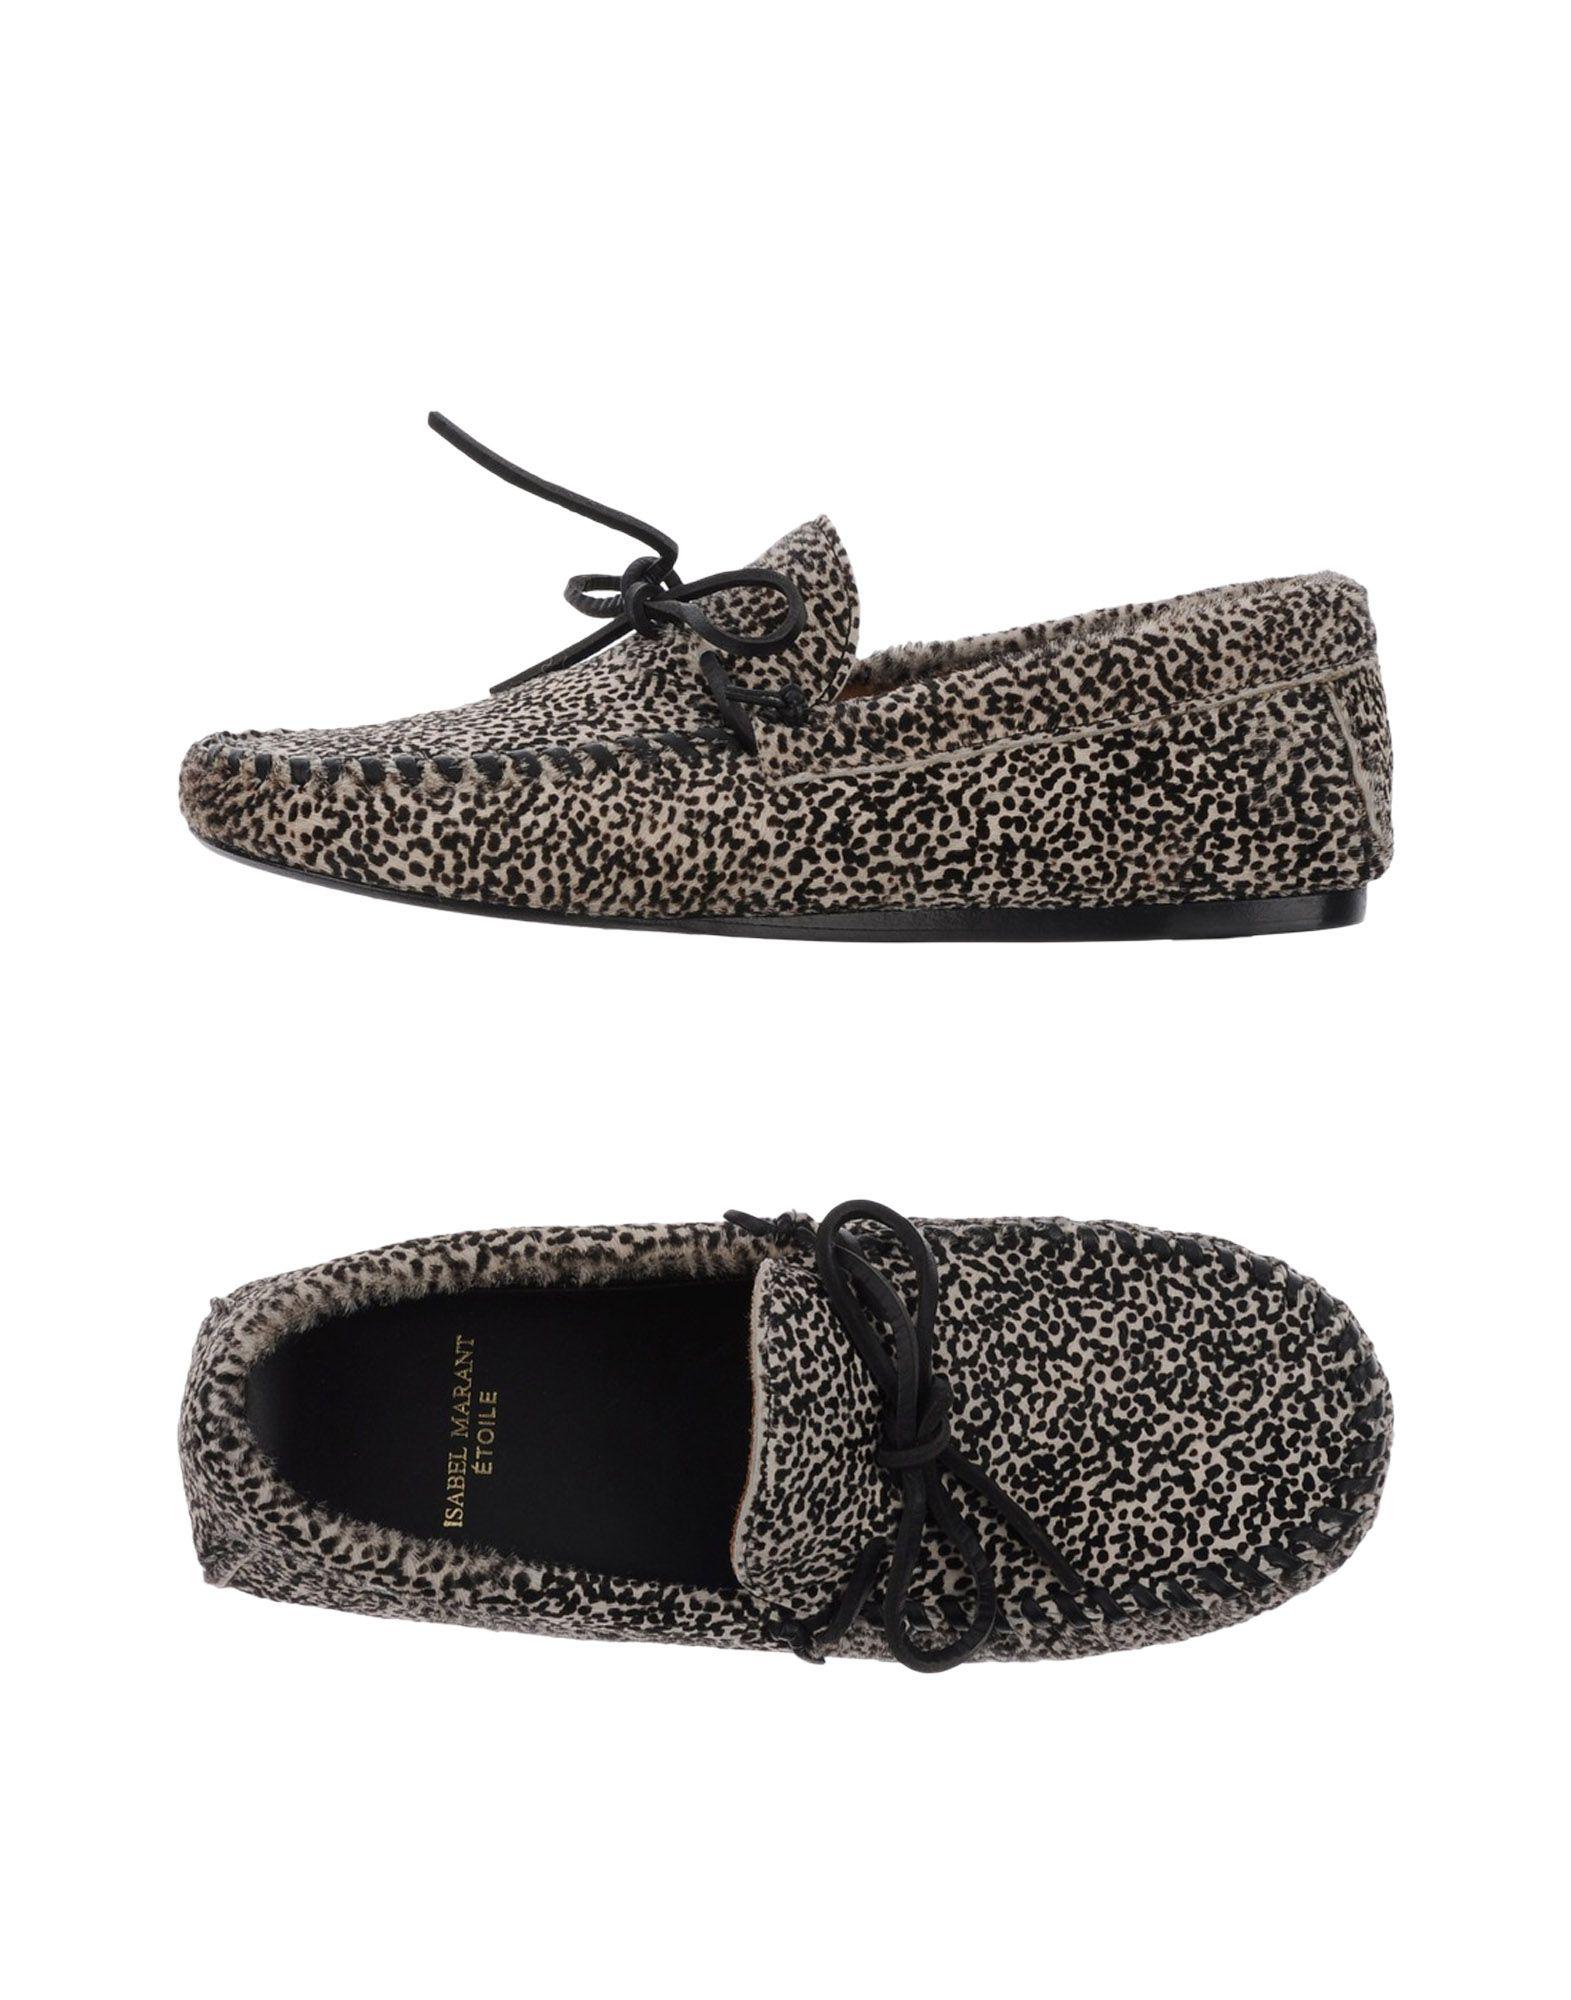 Isabel Marant Étoile Mokassins Damen Schuhe  11235983FX Neue Schuhe Damen 933f2f